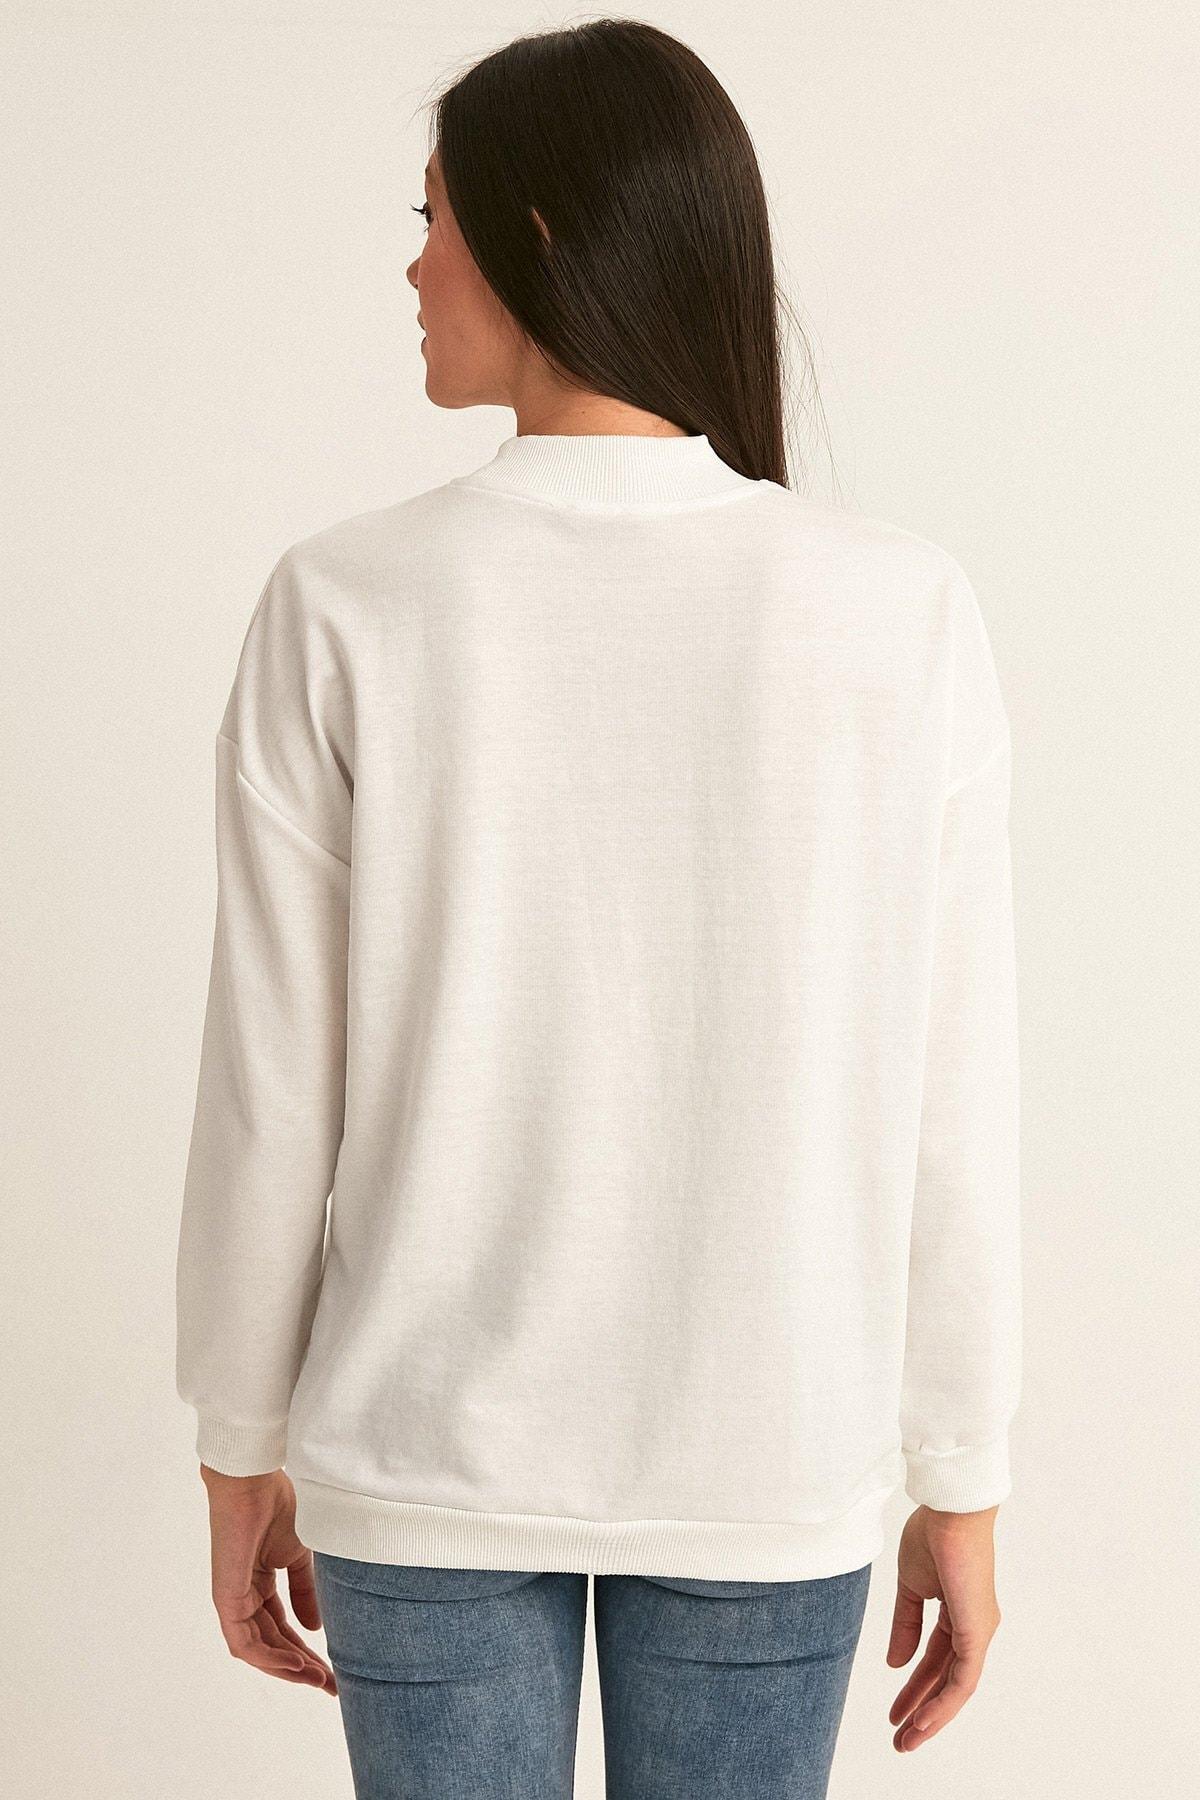 Fullamoda Becool Baskılı Sweatshirt